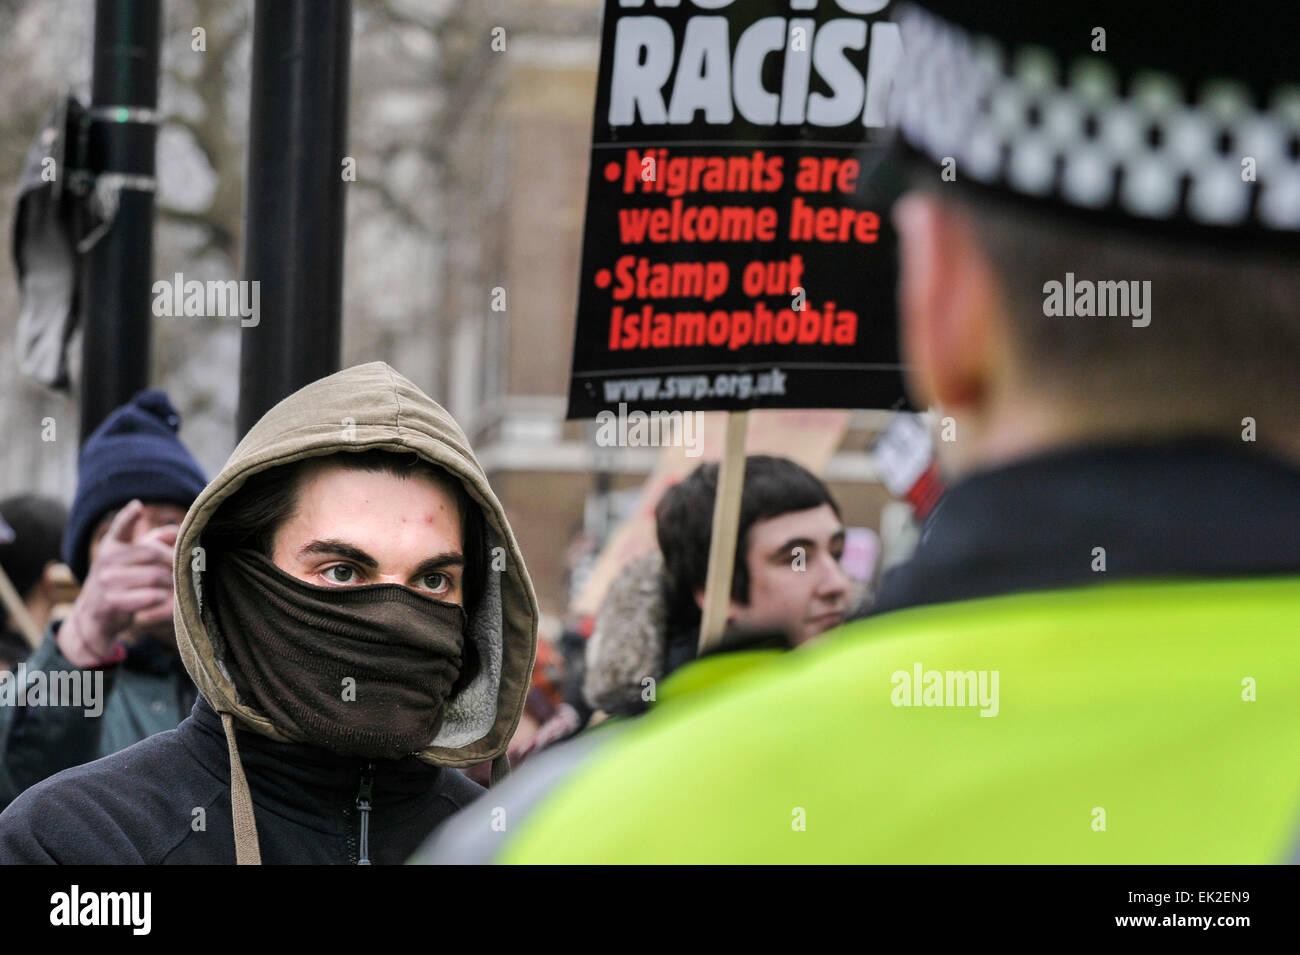 Antifaschisten, die Konfrontation mit der Polizei bei einer Demonstration gegen Pergida in Whitehall. Stockbild